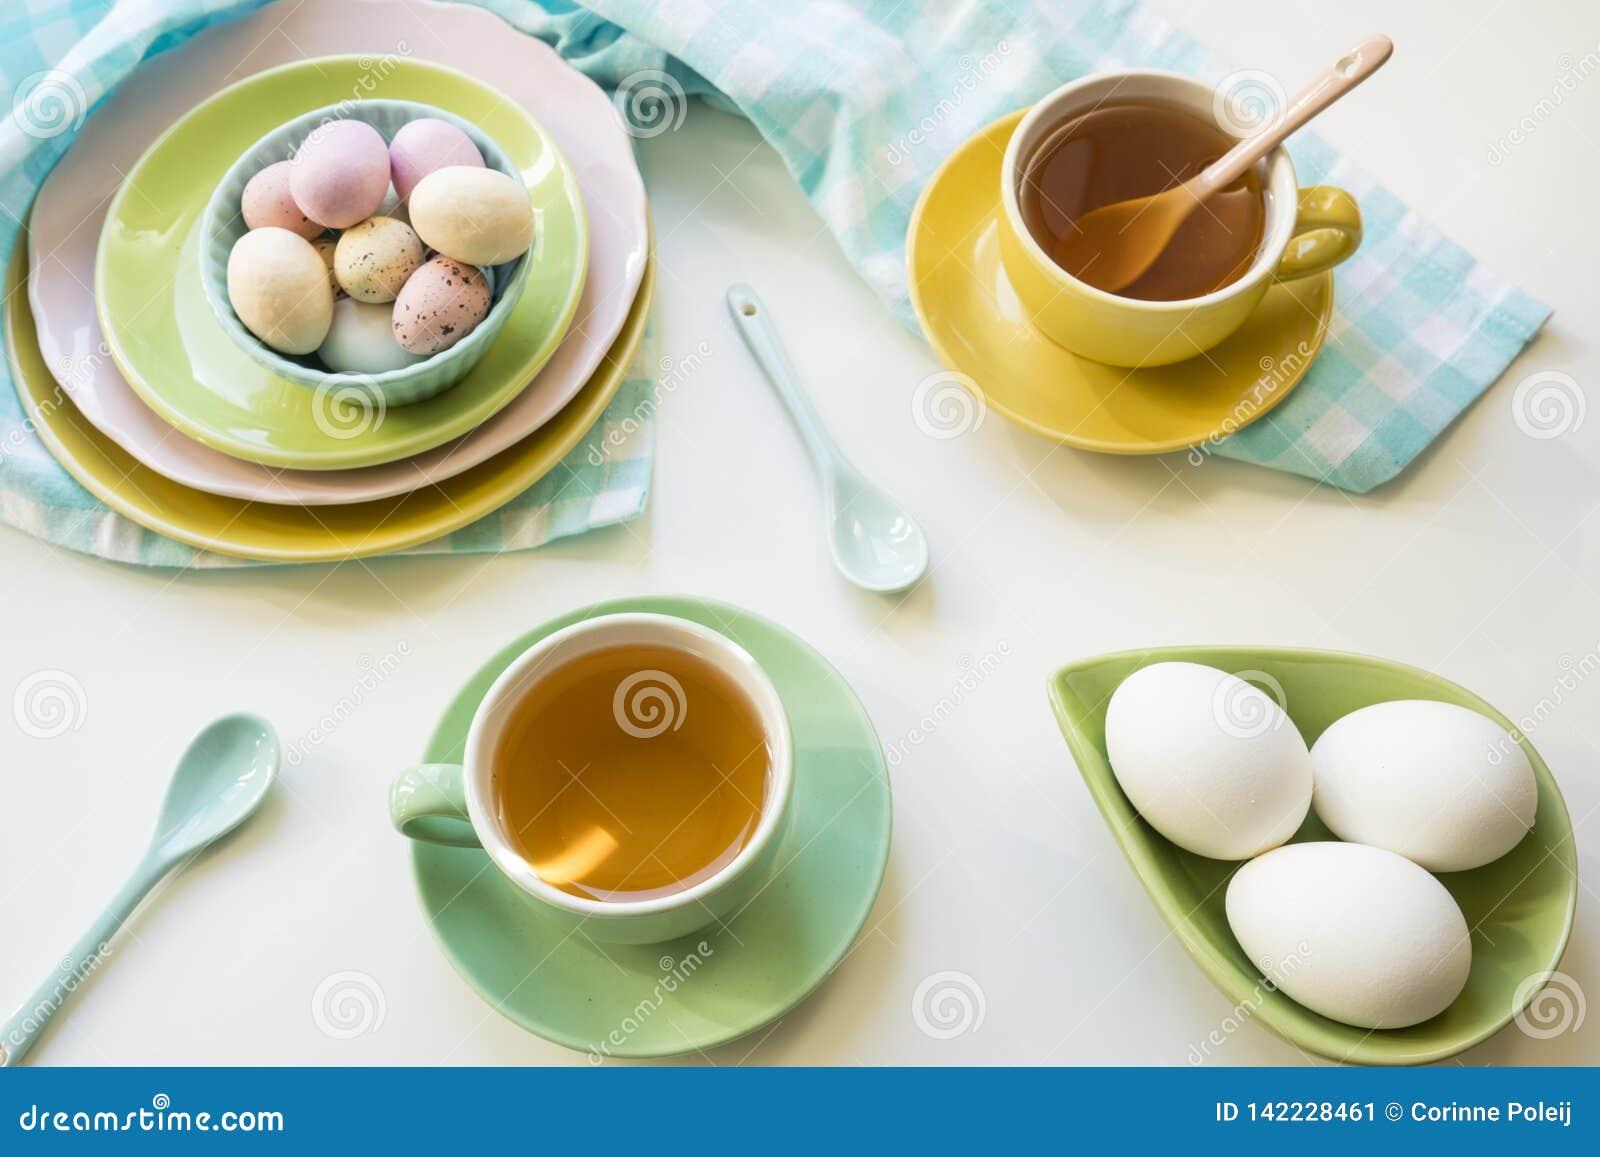 Ontbijt met paaseieren, thee en suikergoed